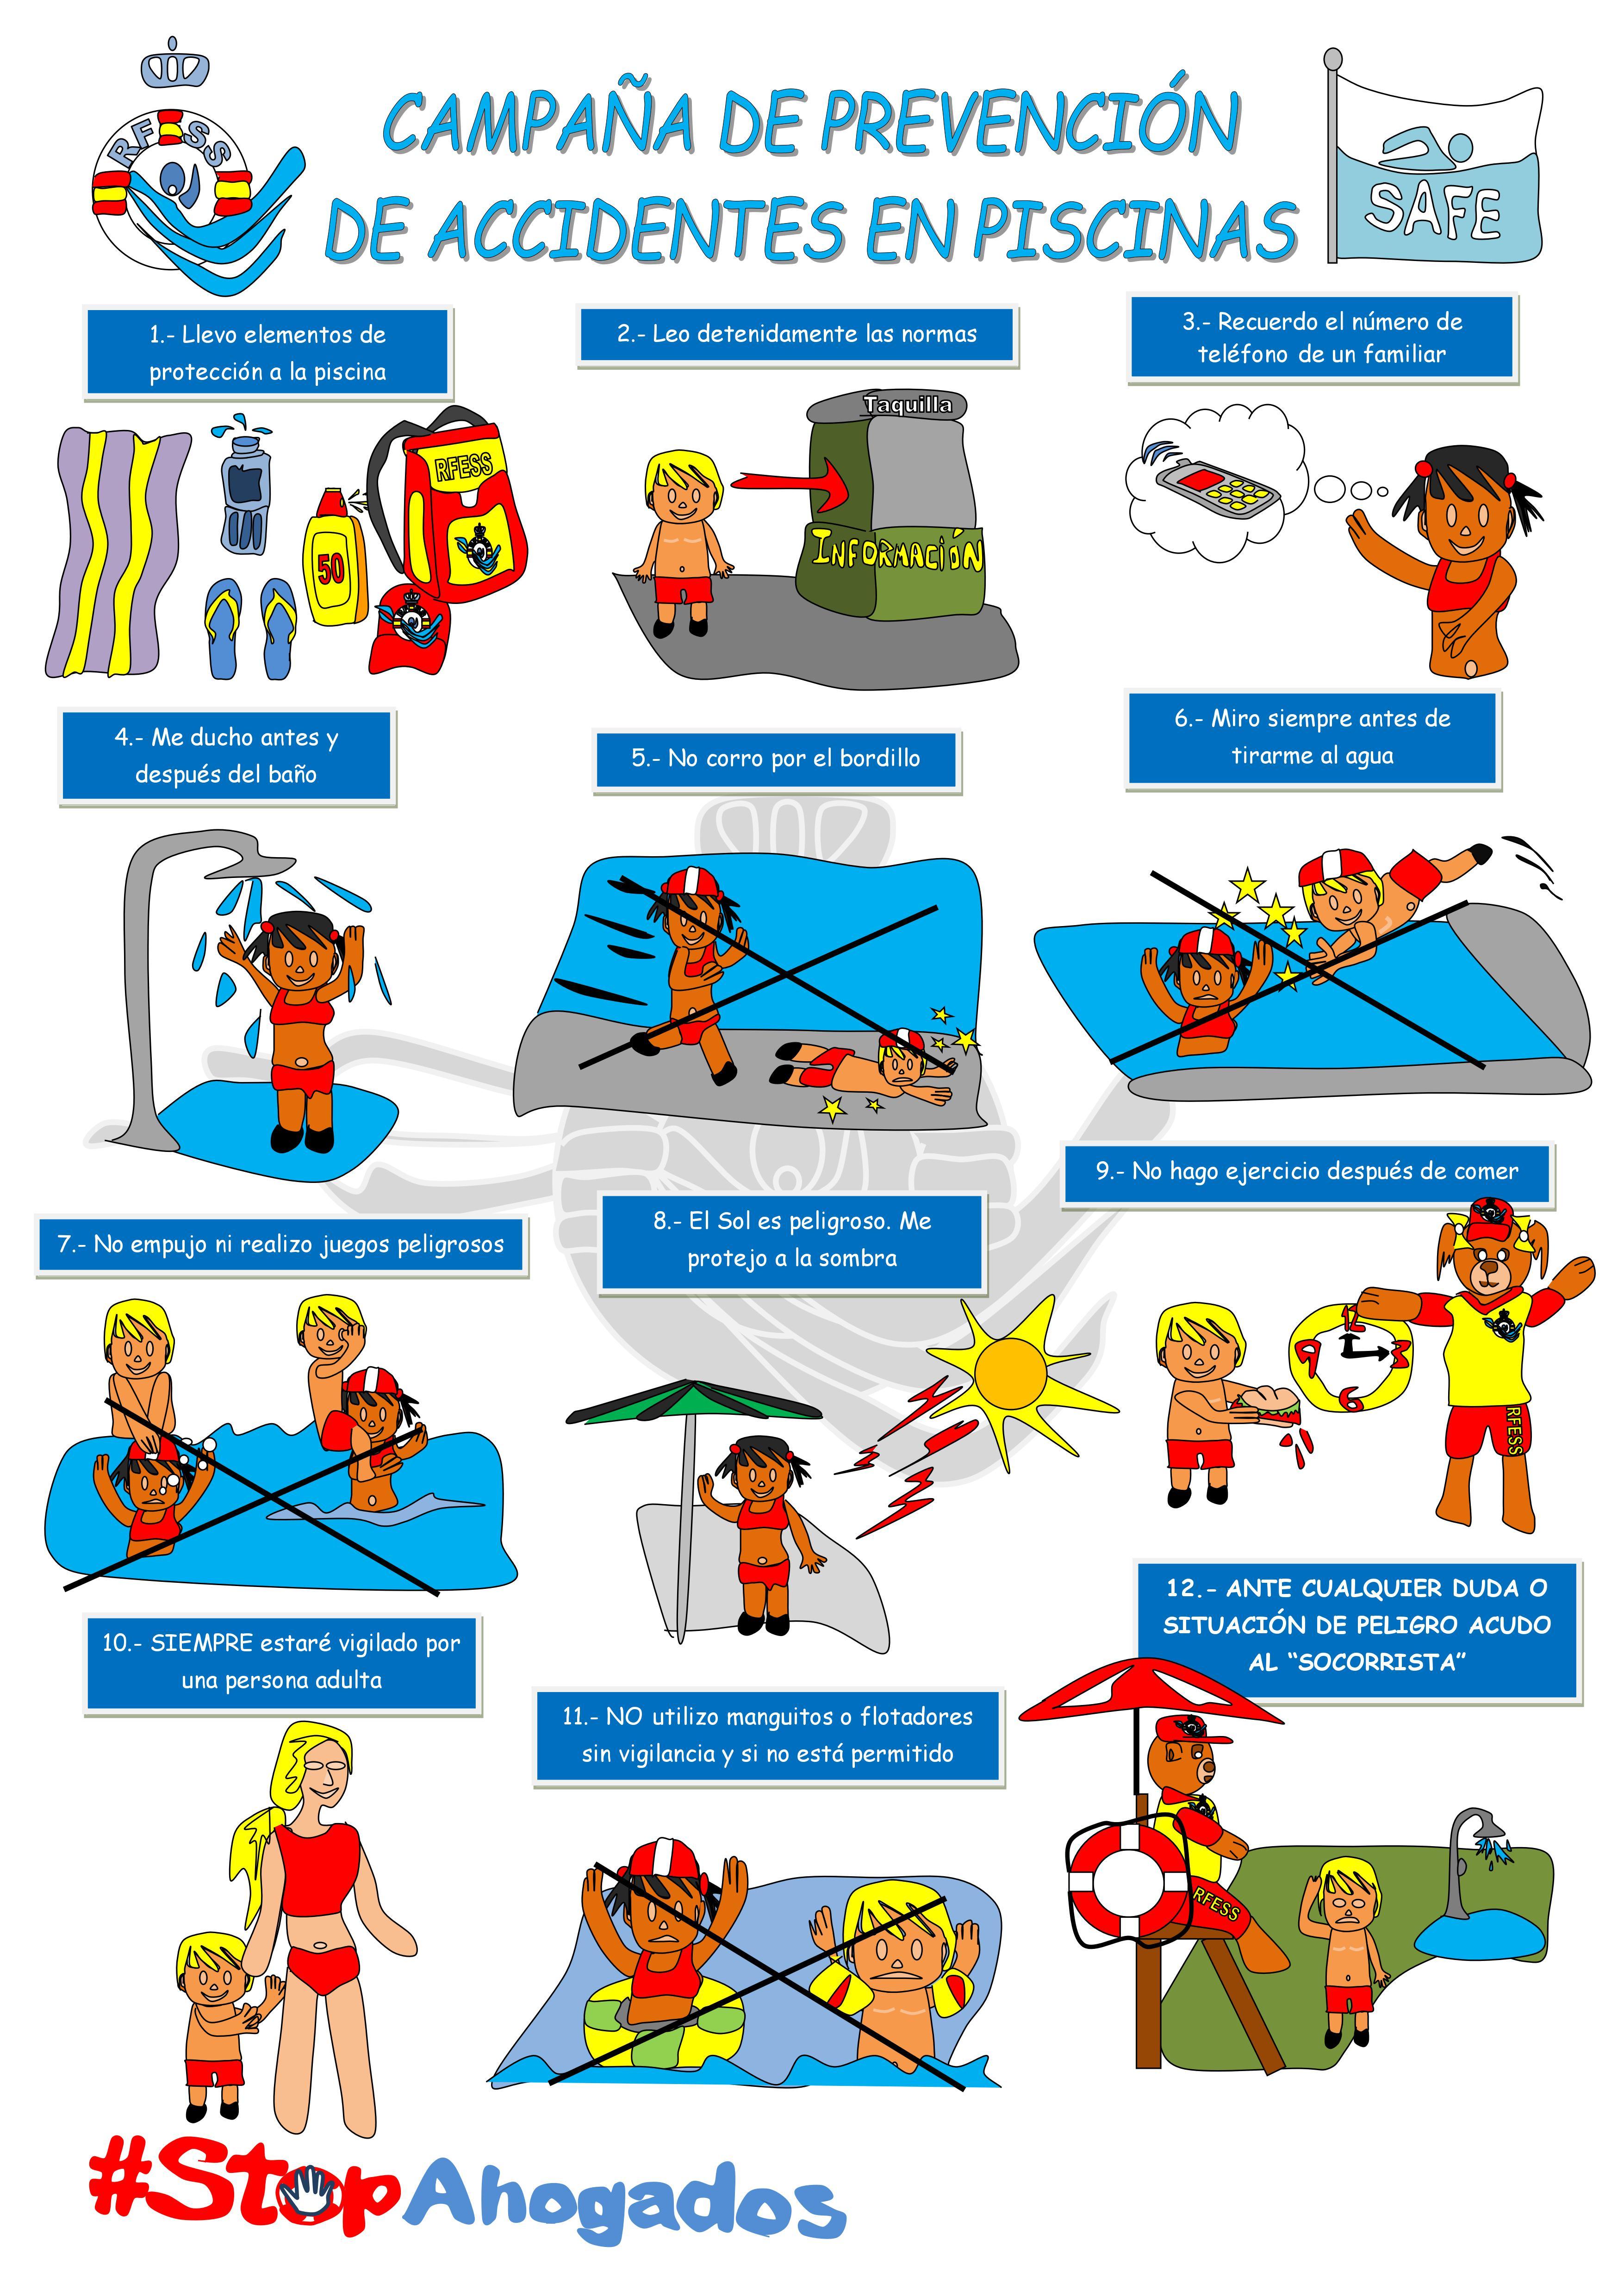 Ahogamiento en piscina - Prevención de accidentes en piscinas